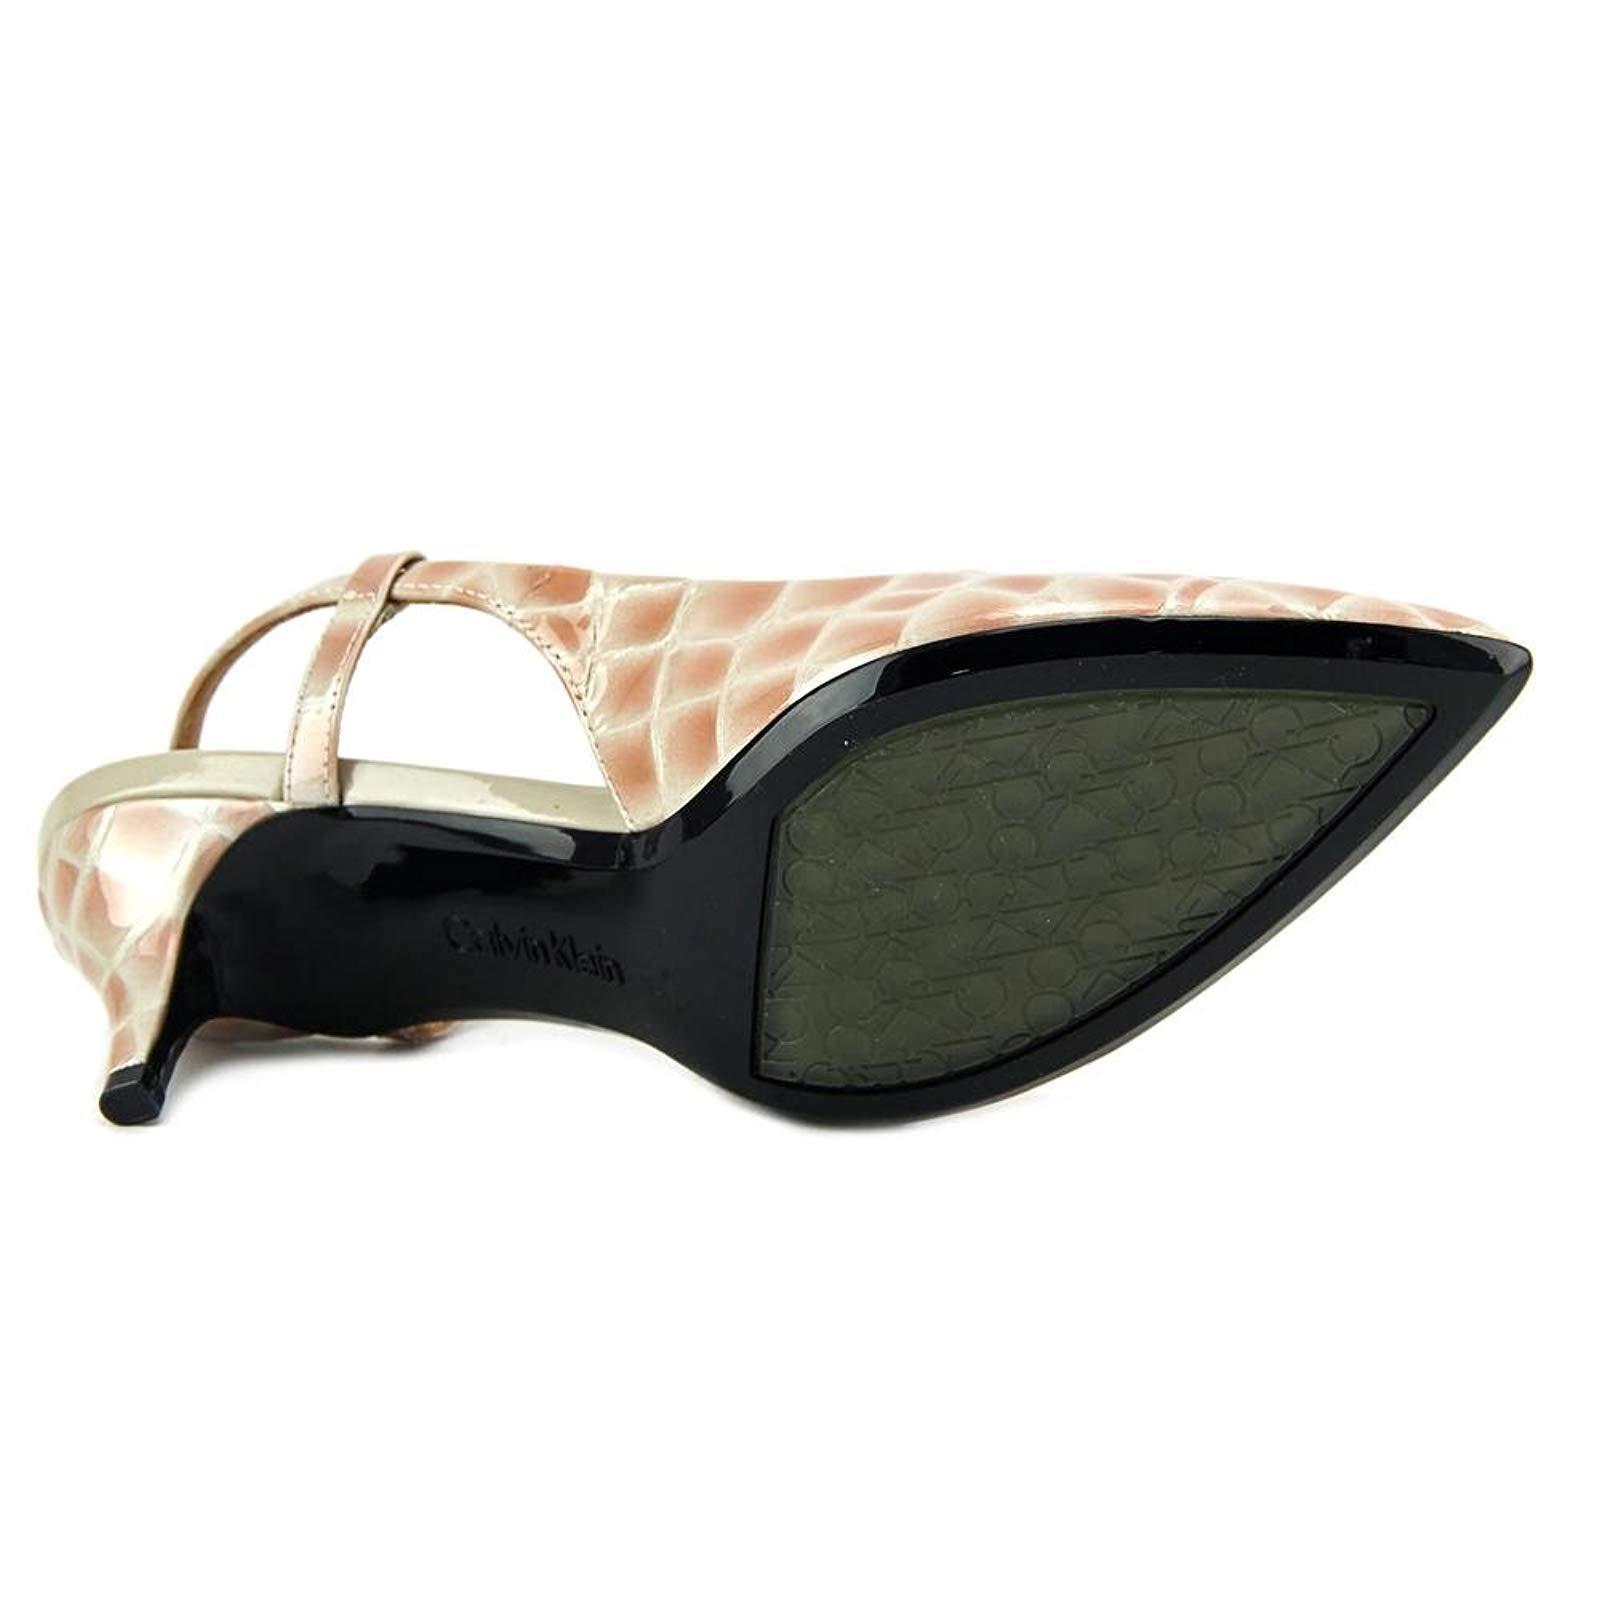 Calvin Klein Patsi Croco Patent Clay Damens Pump Slingback Schuhes